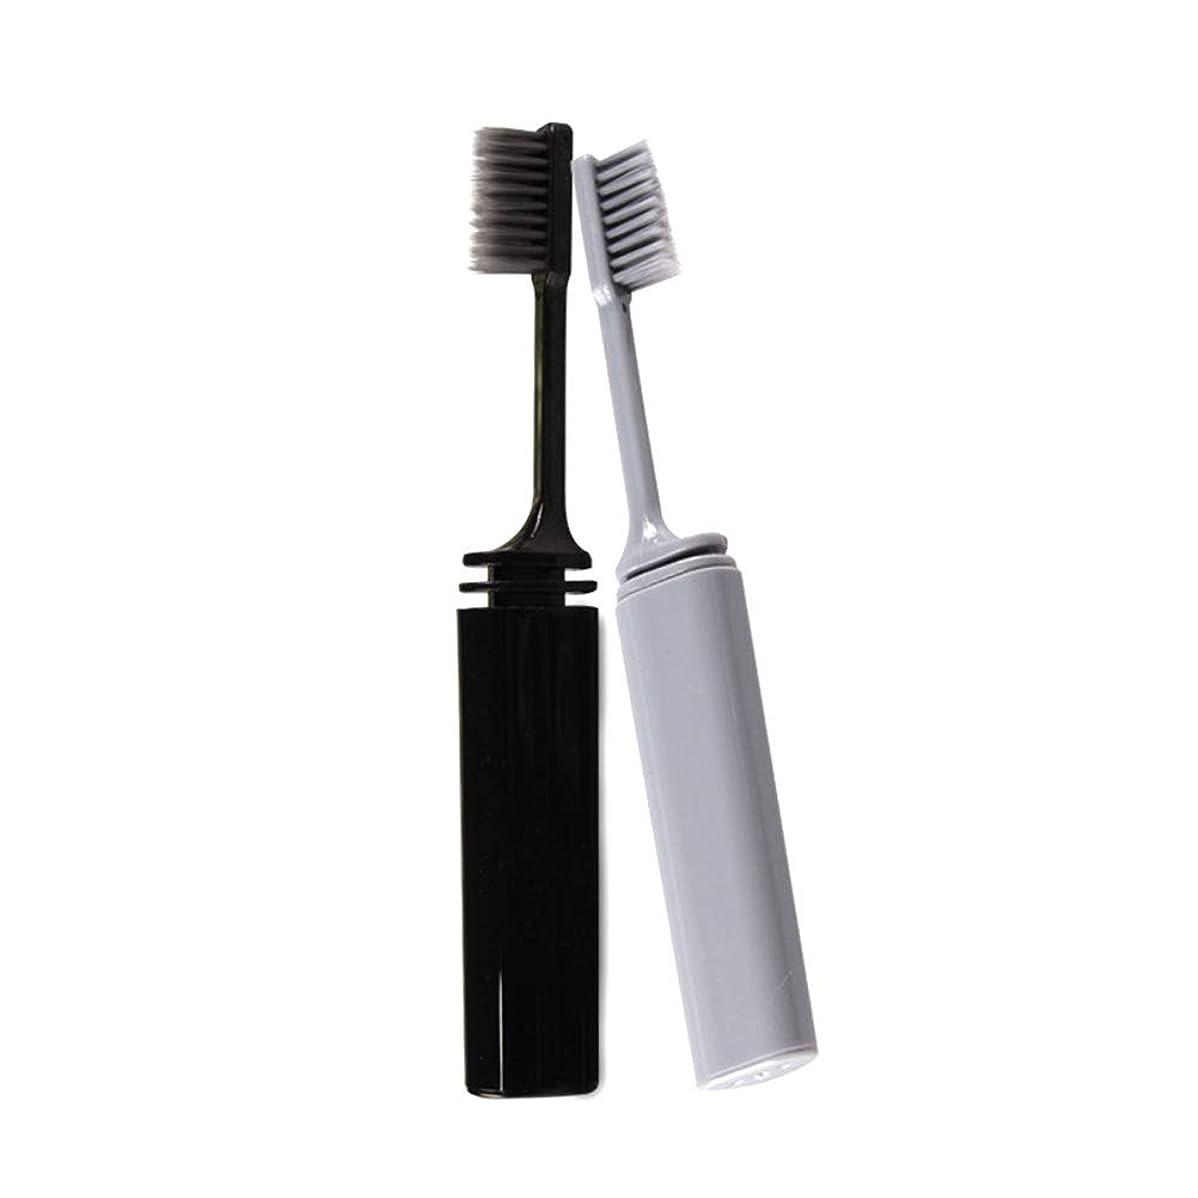 法律貫通するであるSUPVOX 2本旅行歯ブラシポータブル折りたたみ竹炭柔らかい剛毛歯ブラシ(グレーブラック)